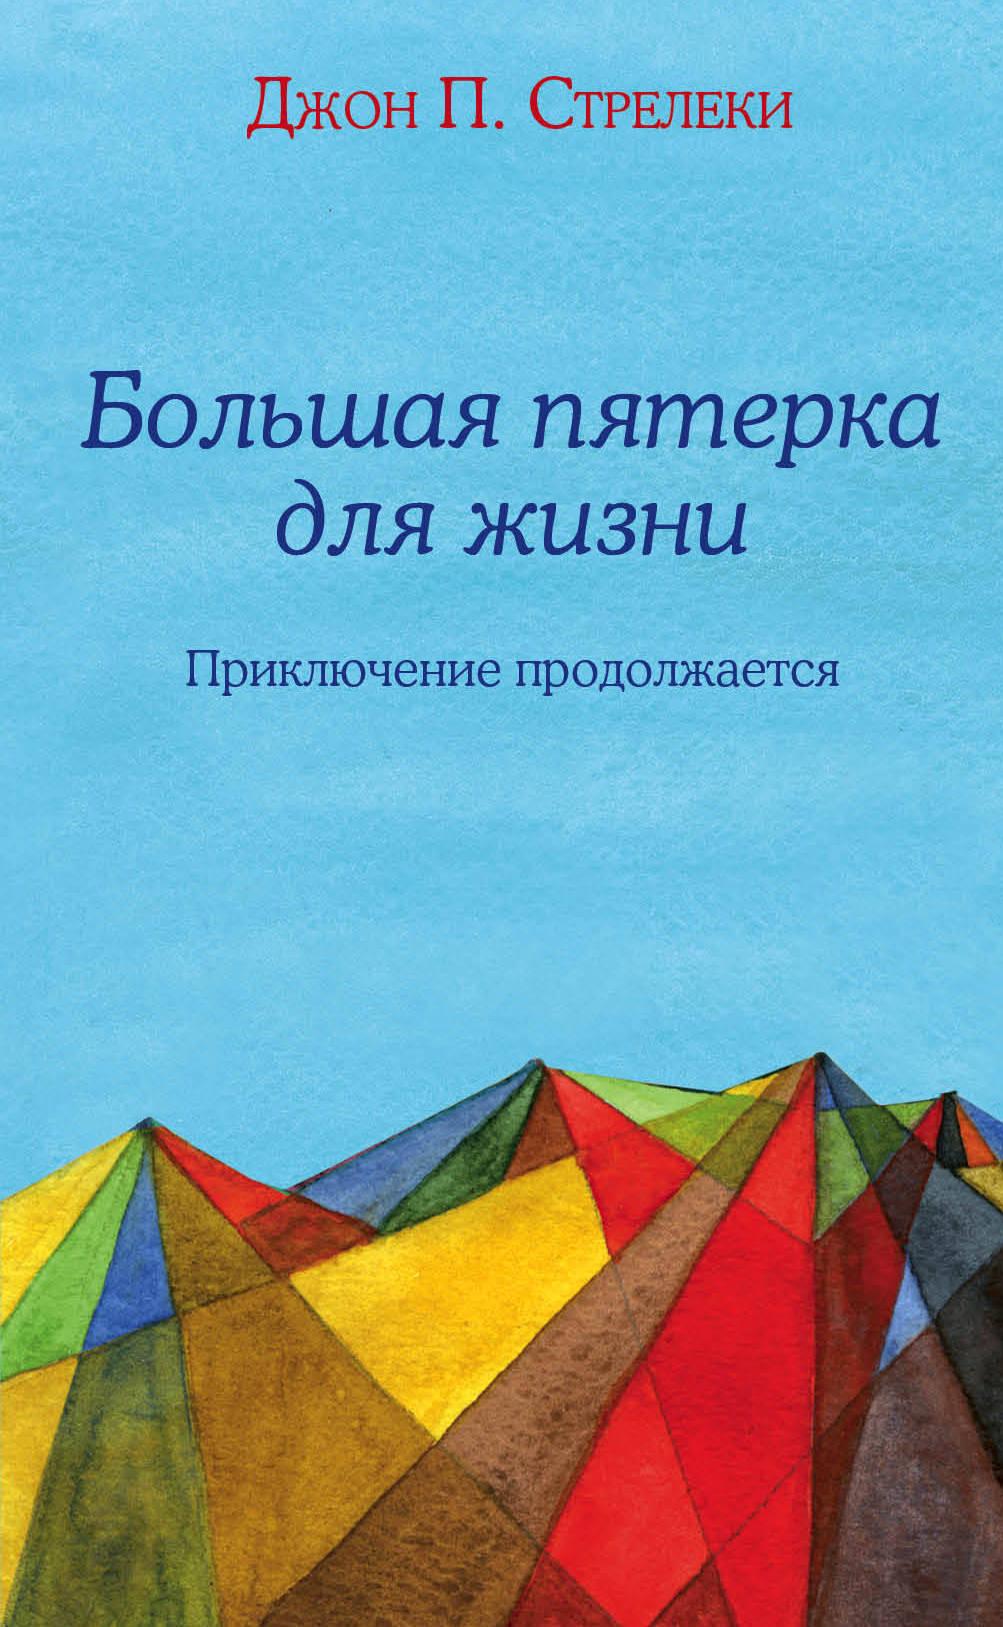 Bolshaja pjaterka dlja zhizni: prikljuchenie prodolzhaetsja